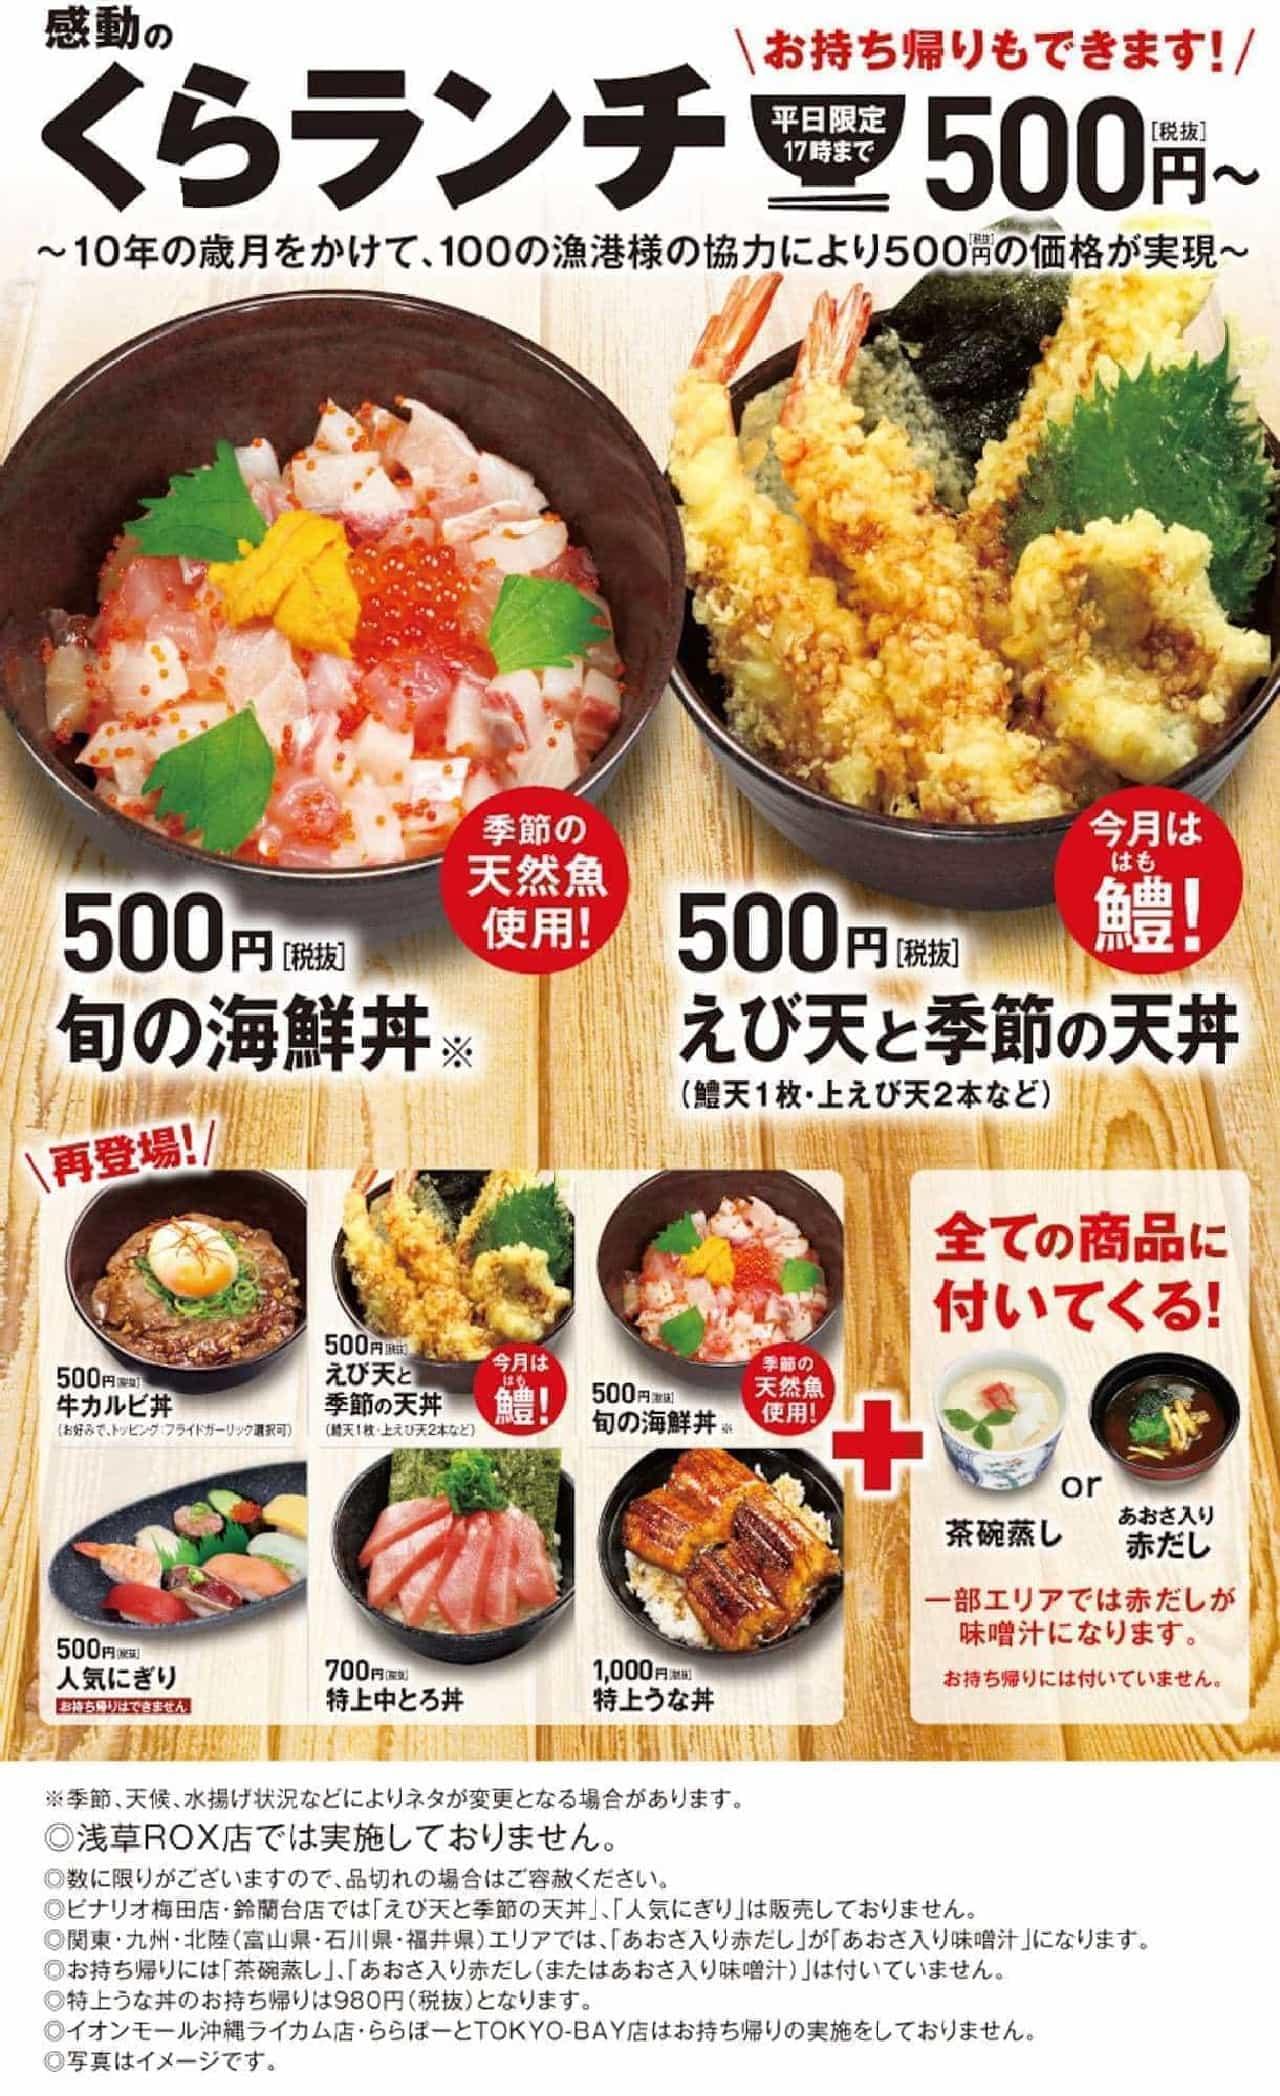 メニュー 持ち帰り くら 西日本 寿司